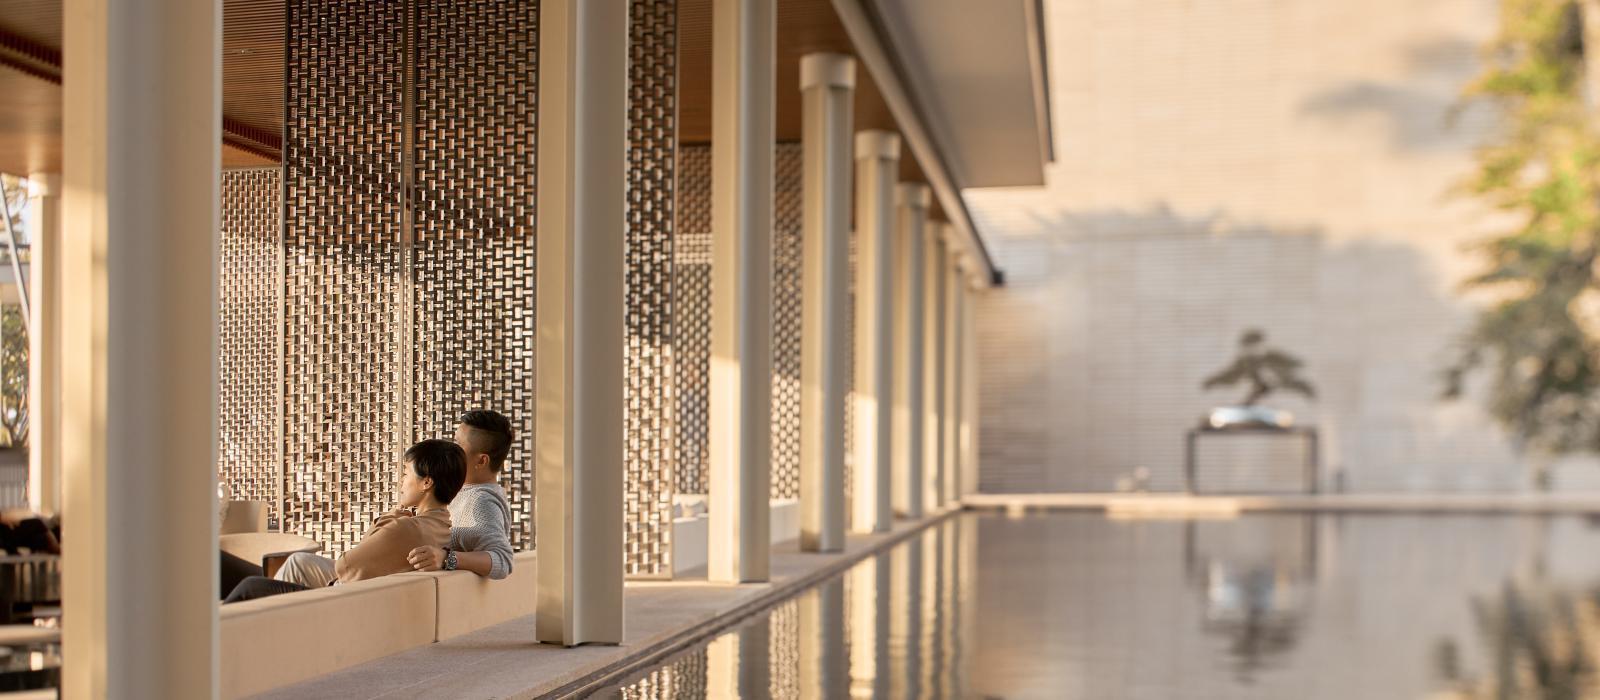 七尚酒店(Lohkah Hotel & Spa)【 厦门,中国】 酒店  dtcpzc.157ib.com